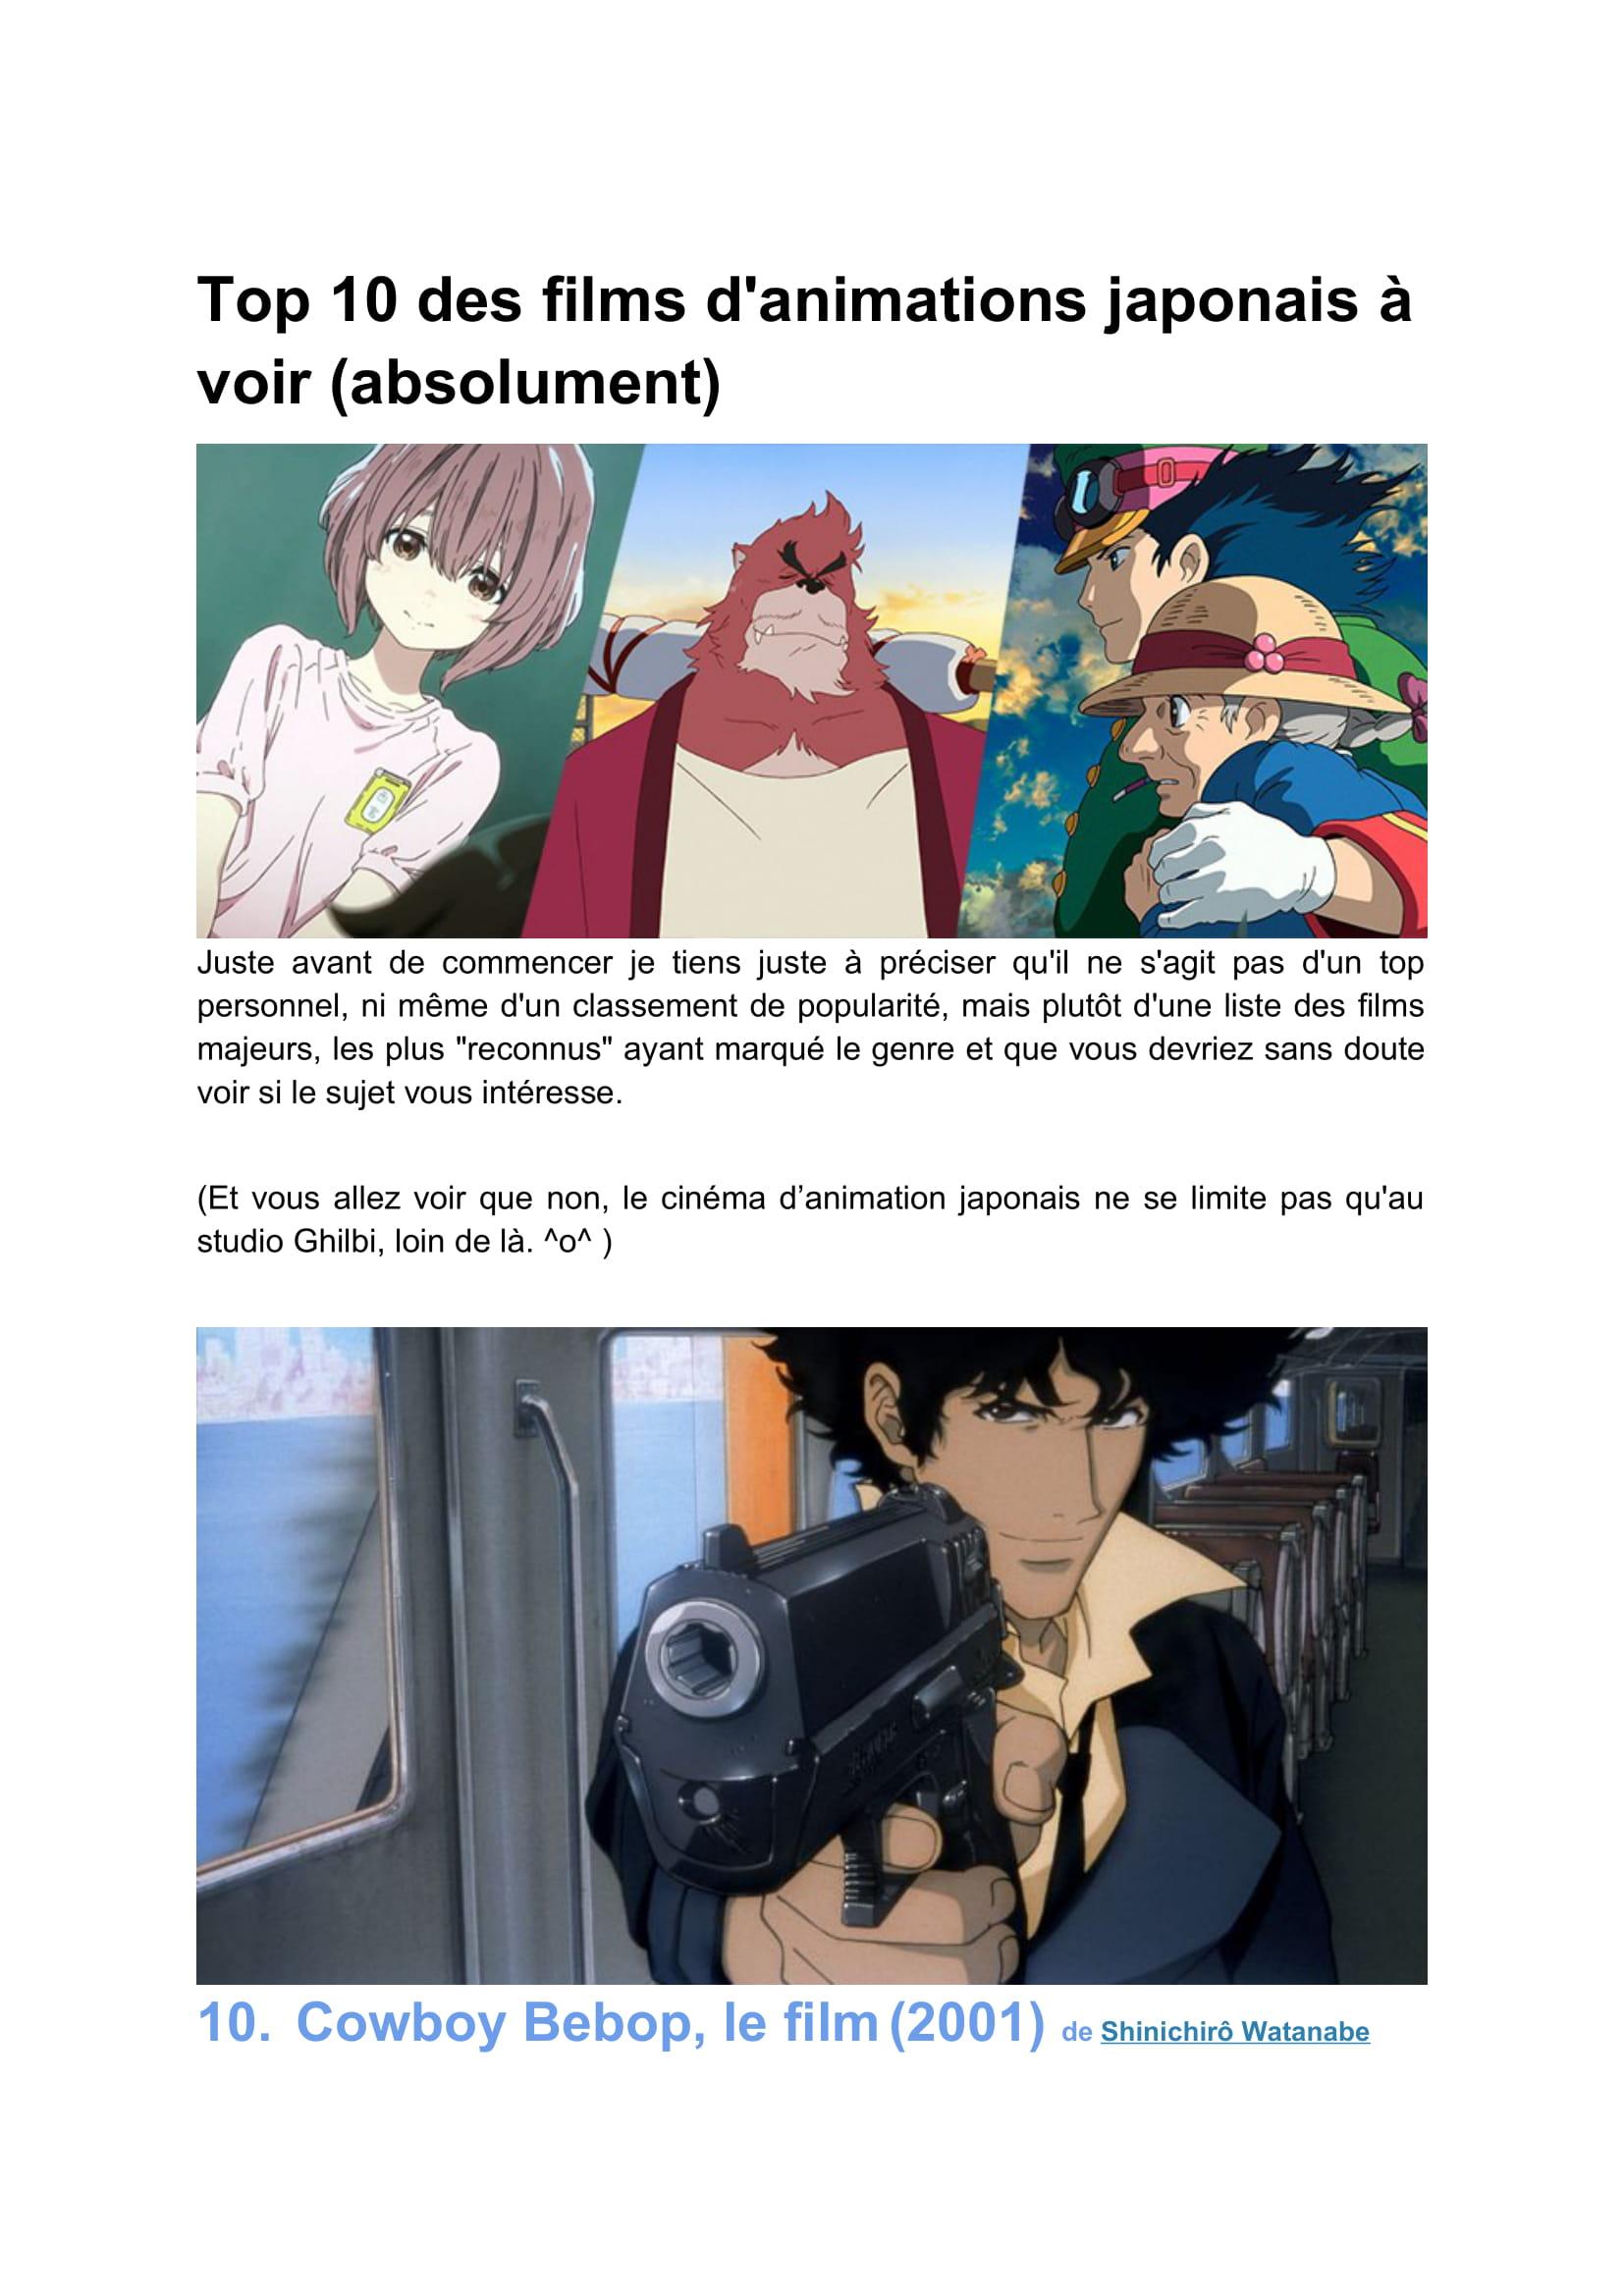 Top 10 des films d'animations japonais à voir (absolument)-01